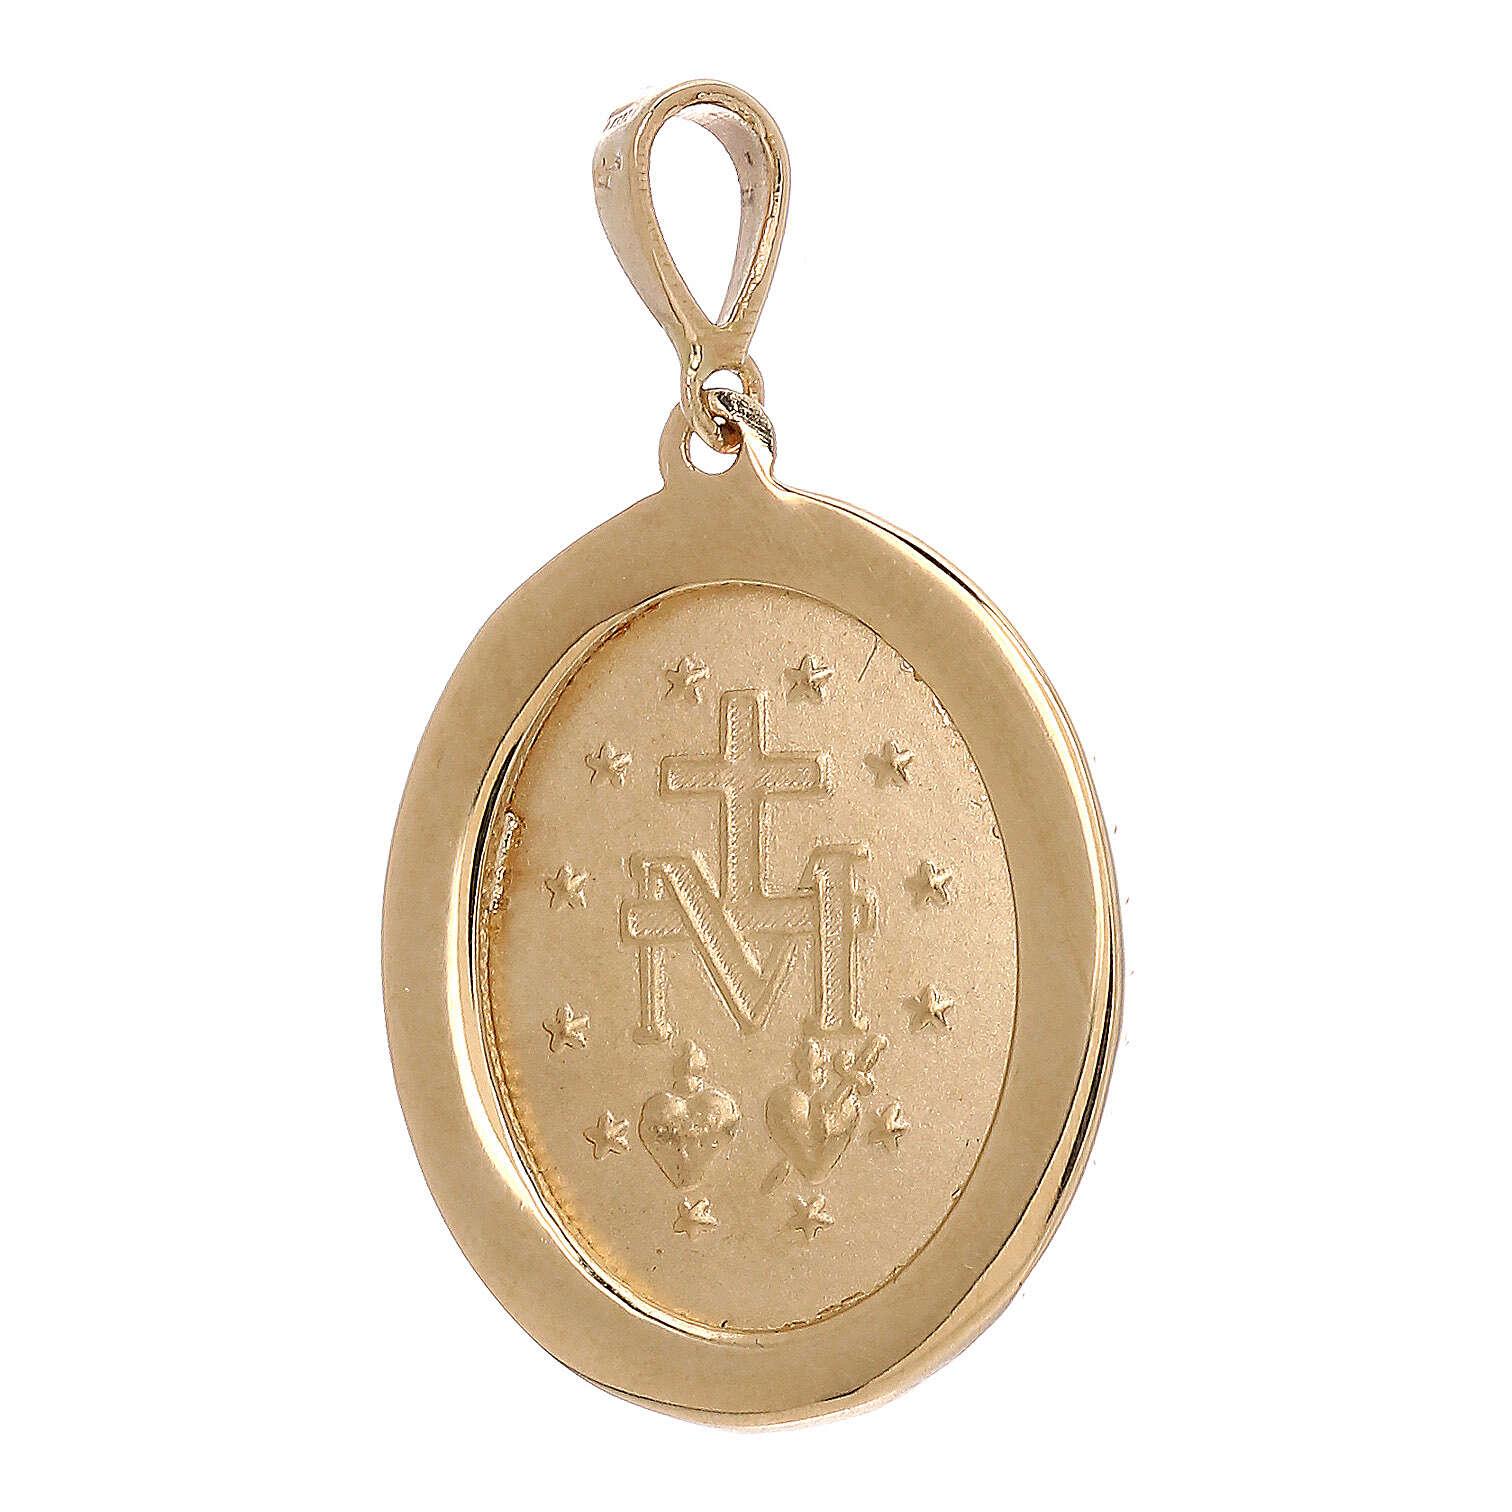 Ciondolo Madonna Miracolosa oro 750/00 Swarovski verdi 3,4 grammi 4